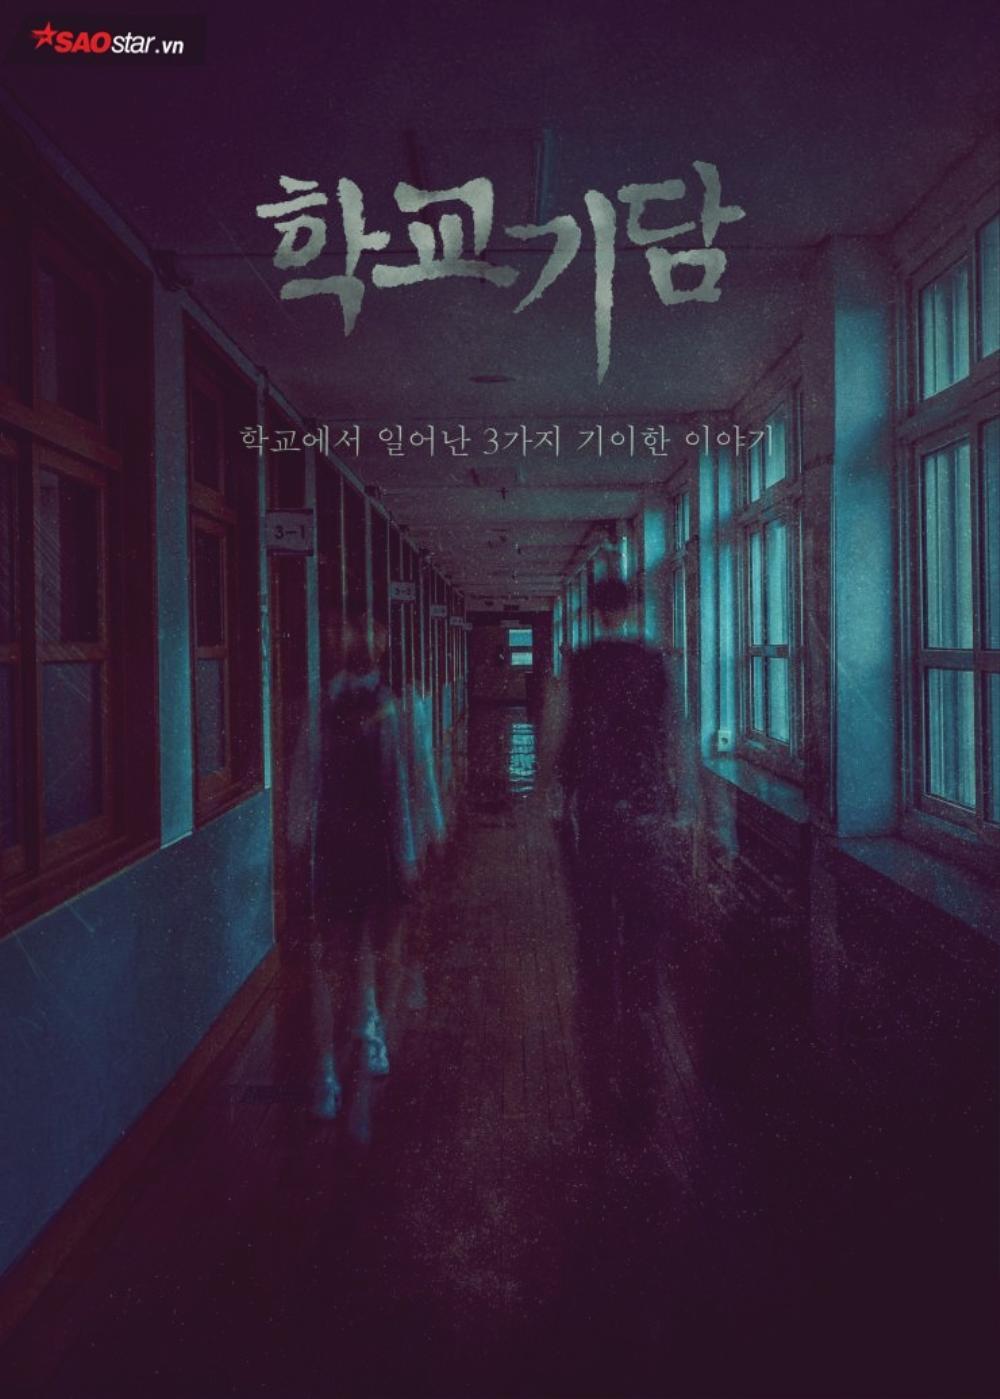 Phim truyền hình Hàn Quốc cuối tháng 9: Đa dạng thể loại nhưng nội dung không mới mẻ Ảnh 13